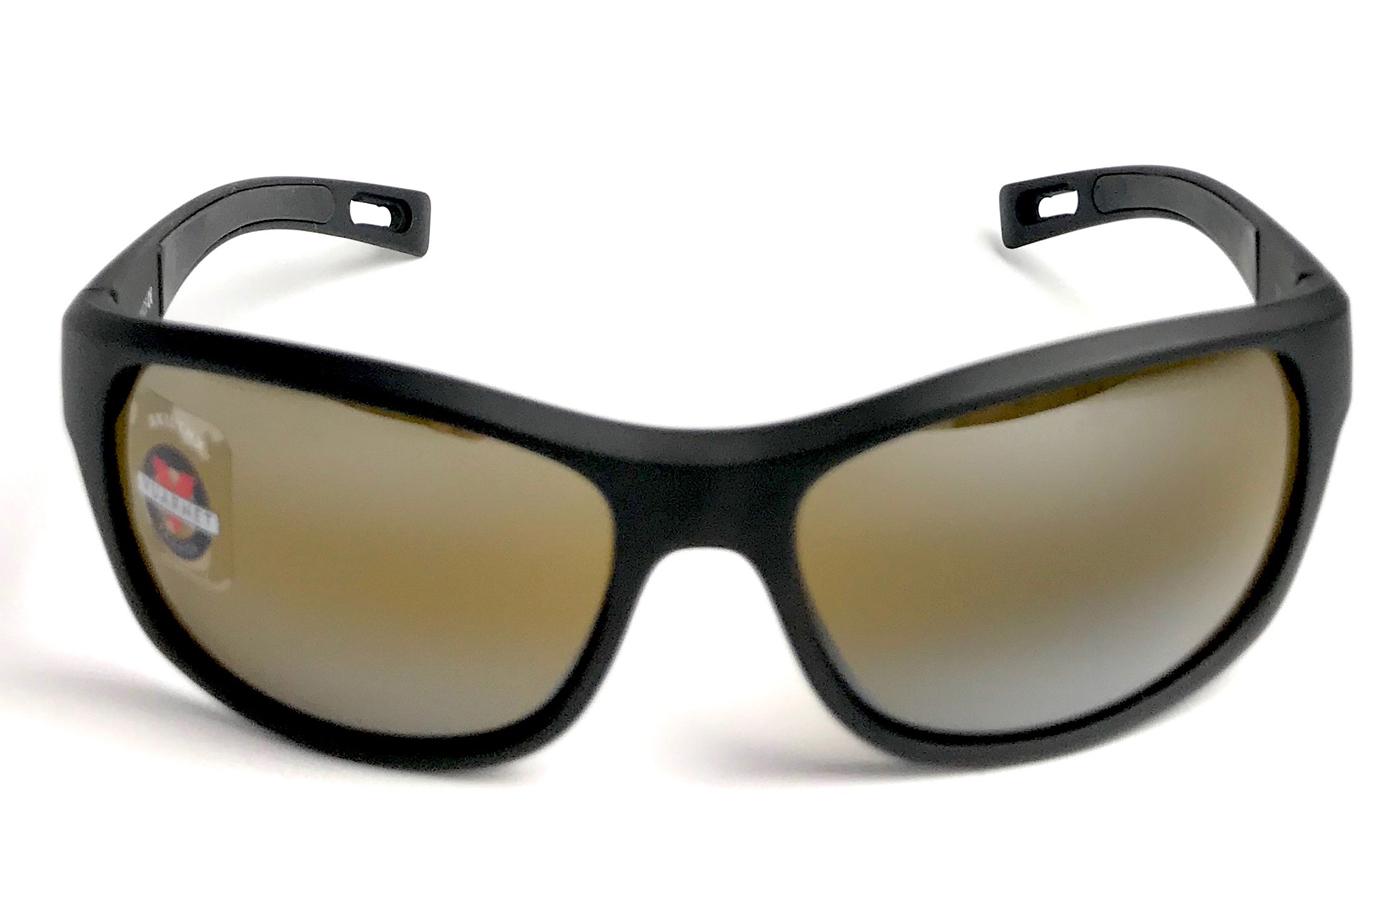 e399daf508 ... más colores, innovando con lentes graduadas y sin perder su sello la V  característica de Vuarnet (que simulan los esquíes) grabado en cada lente,  ...